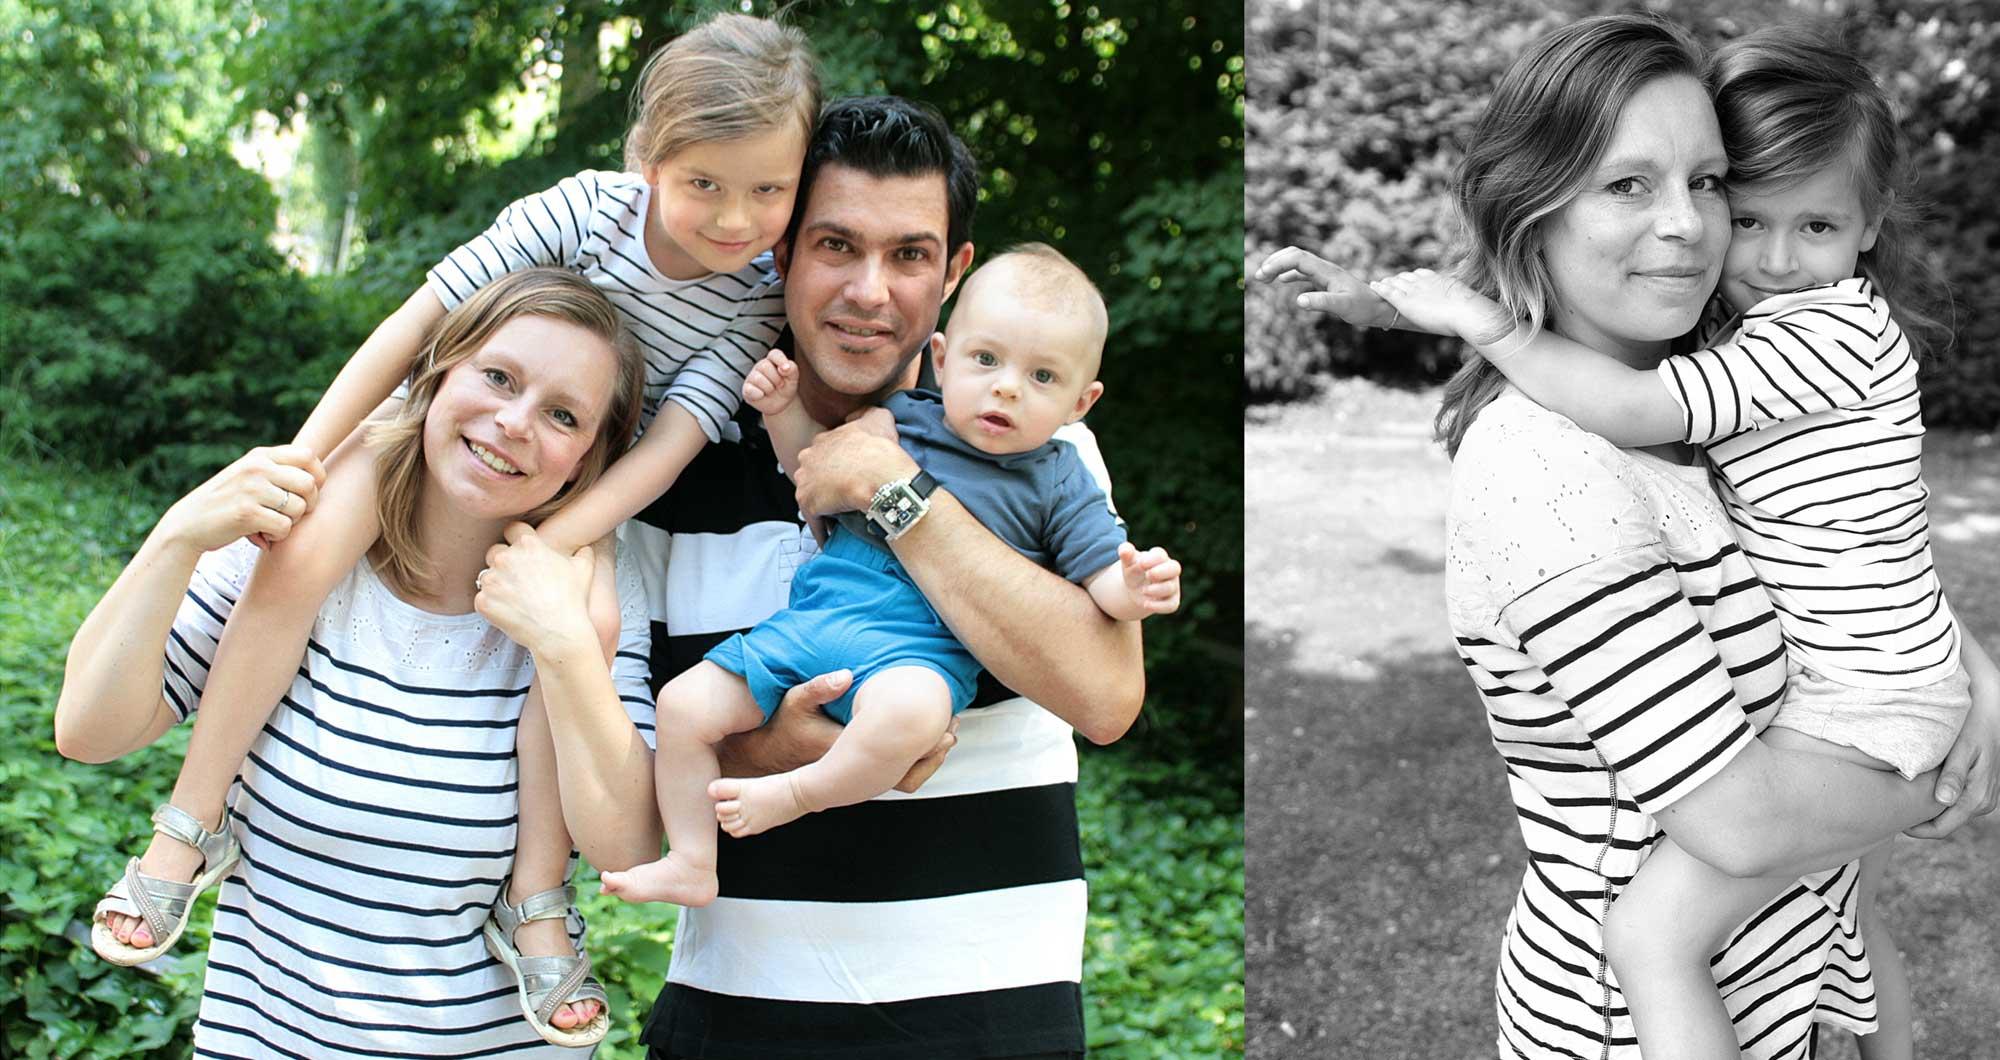 familieundkinderfoto-lenzvonkolkow04